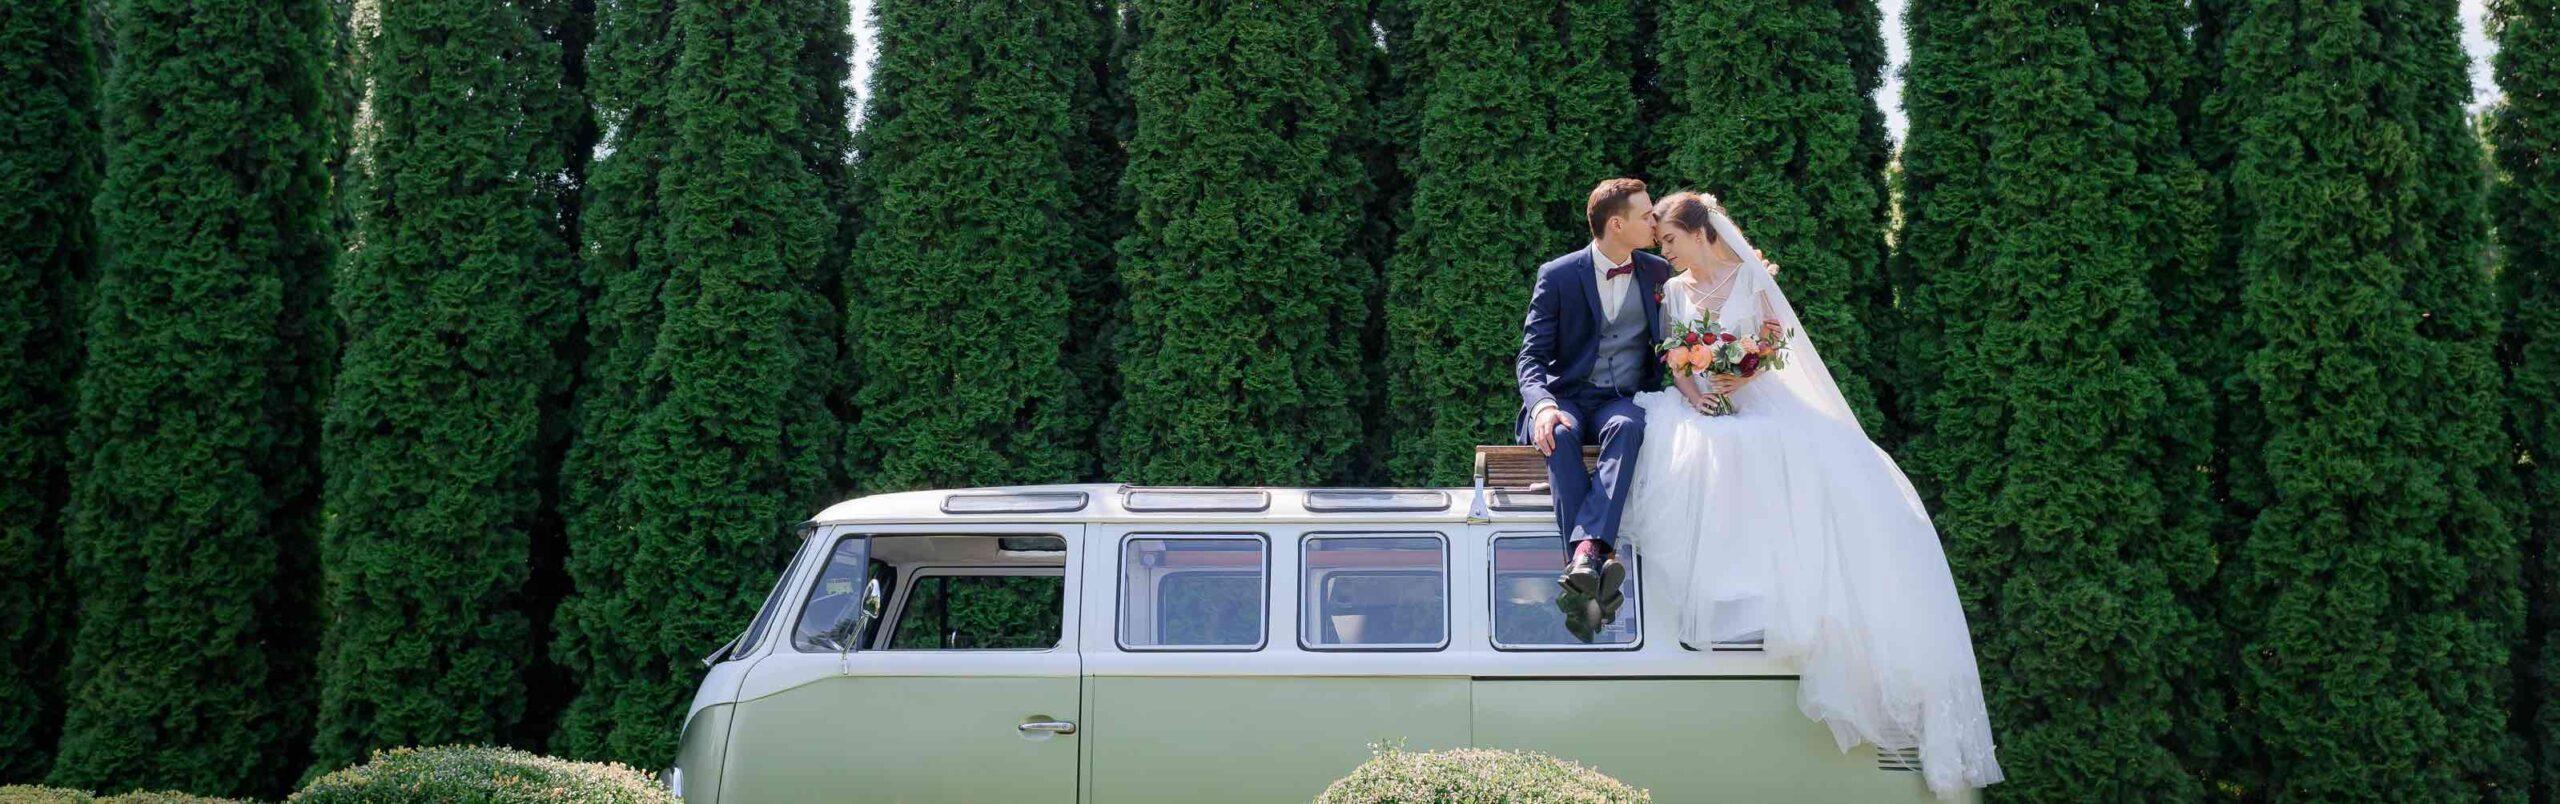 Matrimonio all'aperto ? ecco i vantaggi !